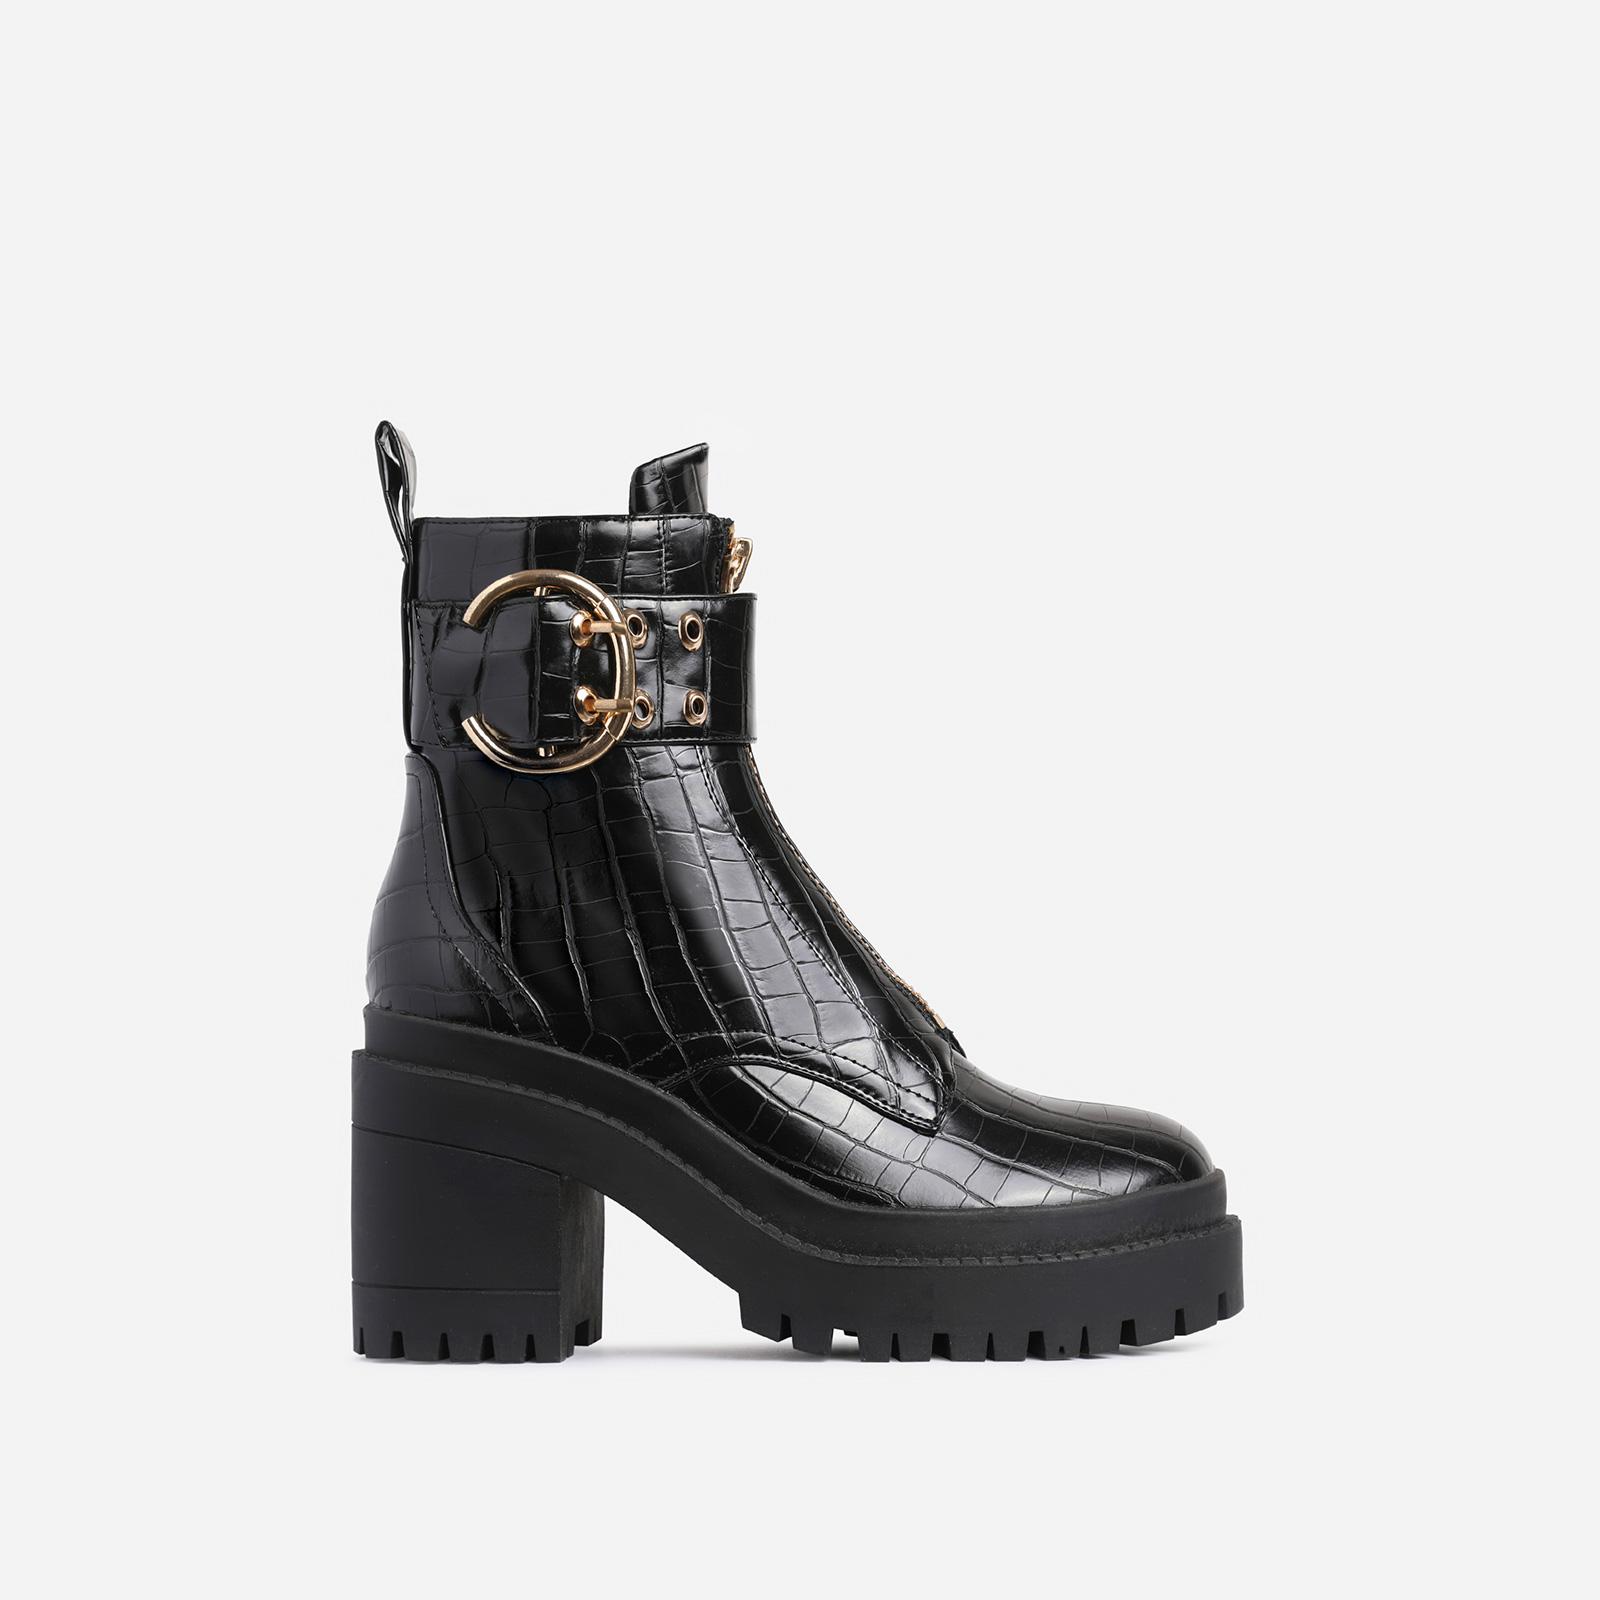 Playhouse Buckle Zip Detail Block Heel Ankle Biker Boot In Black Croc Print Faux Leather